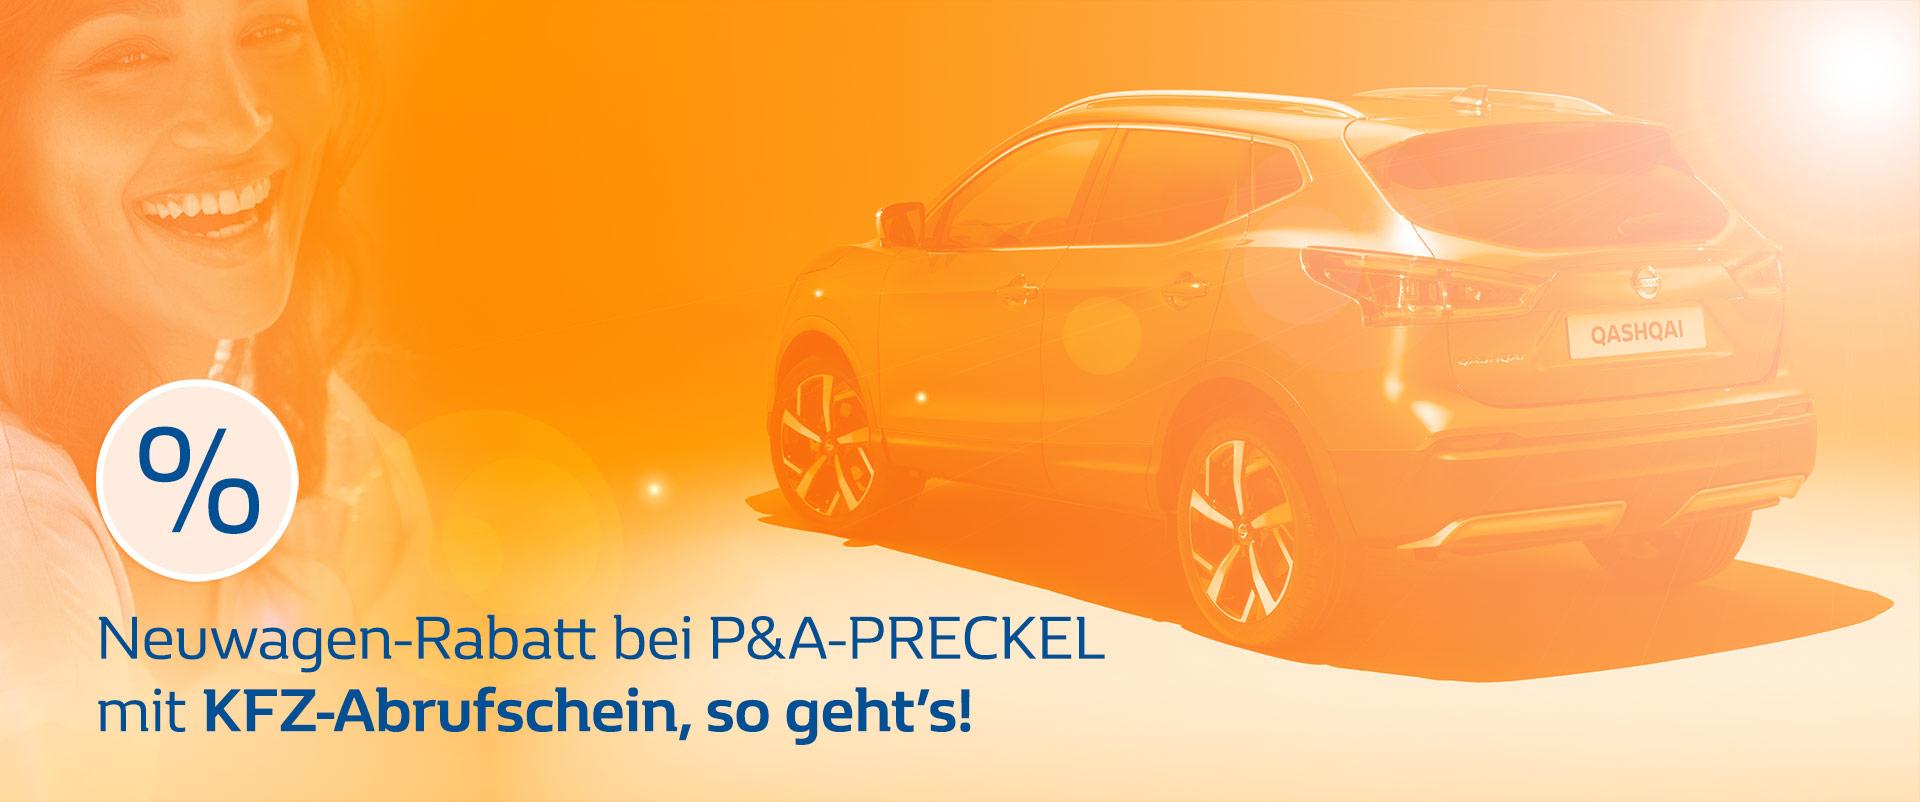 KFZ-Abrufschein für Neuwagen-Rabatte